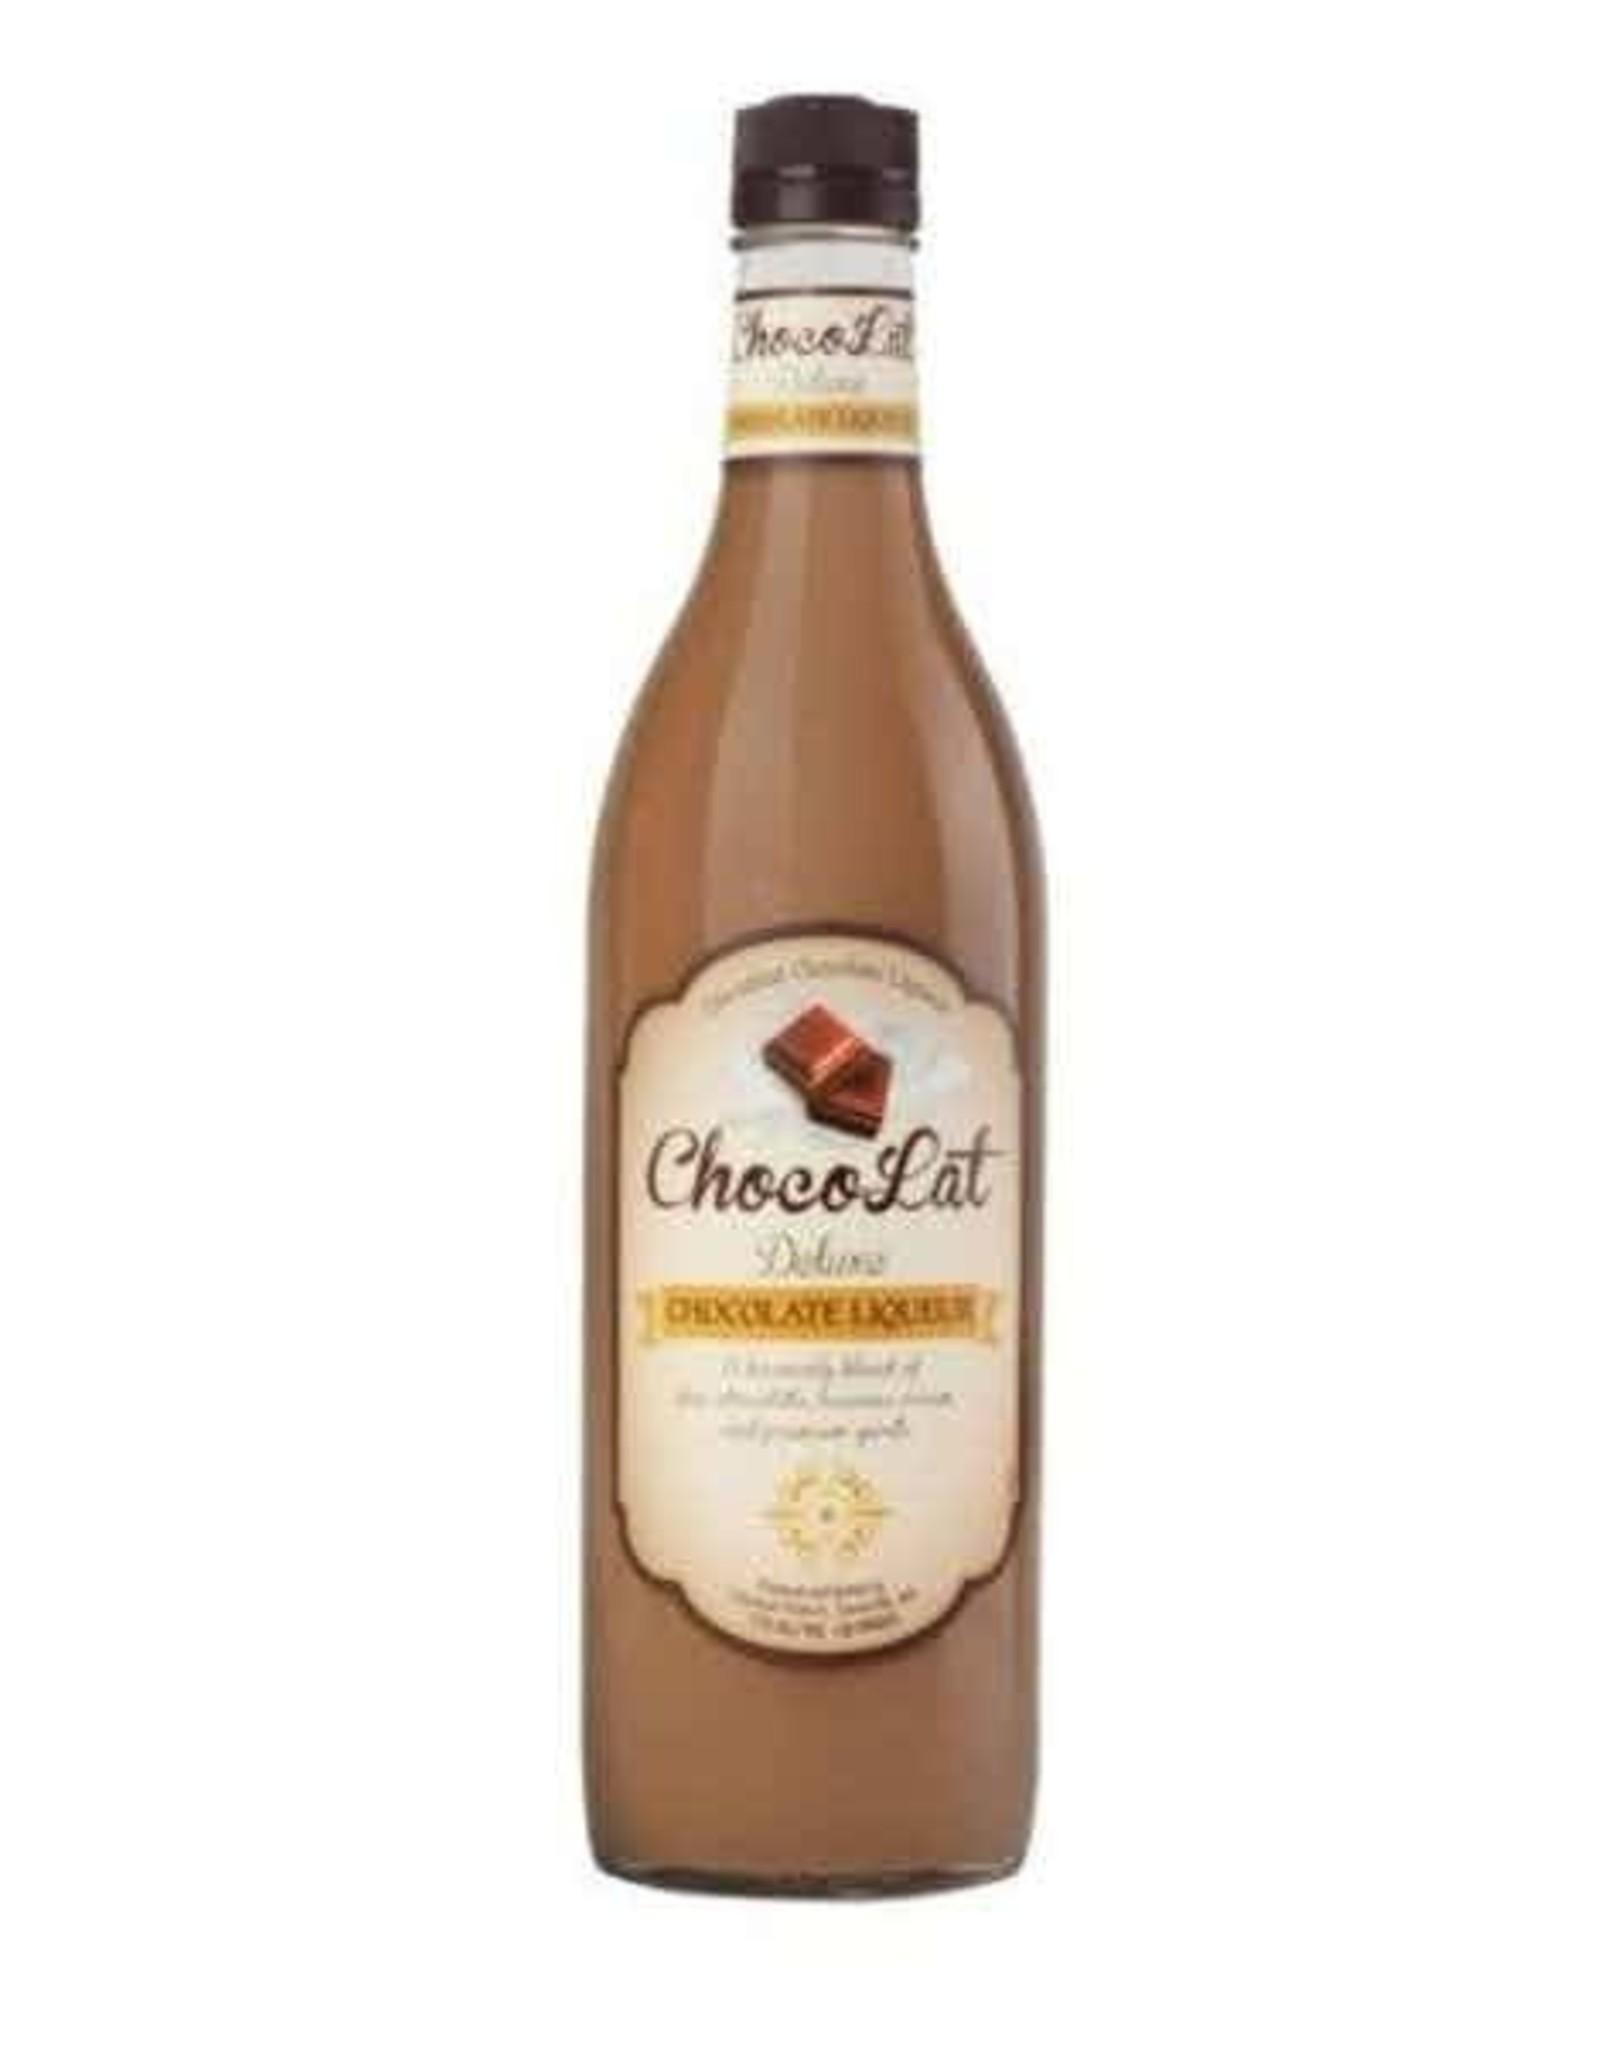 USA Chocolat Liqueur